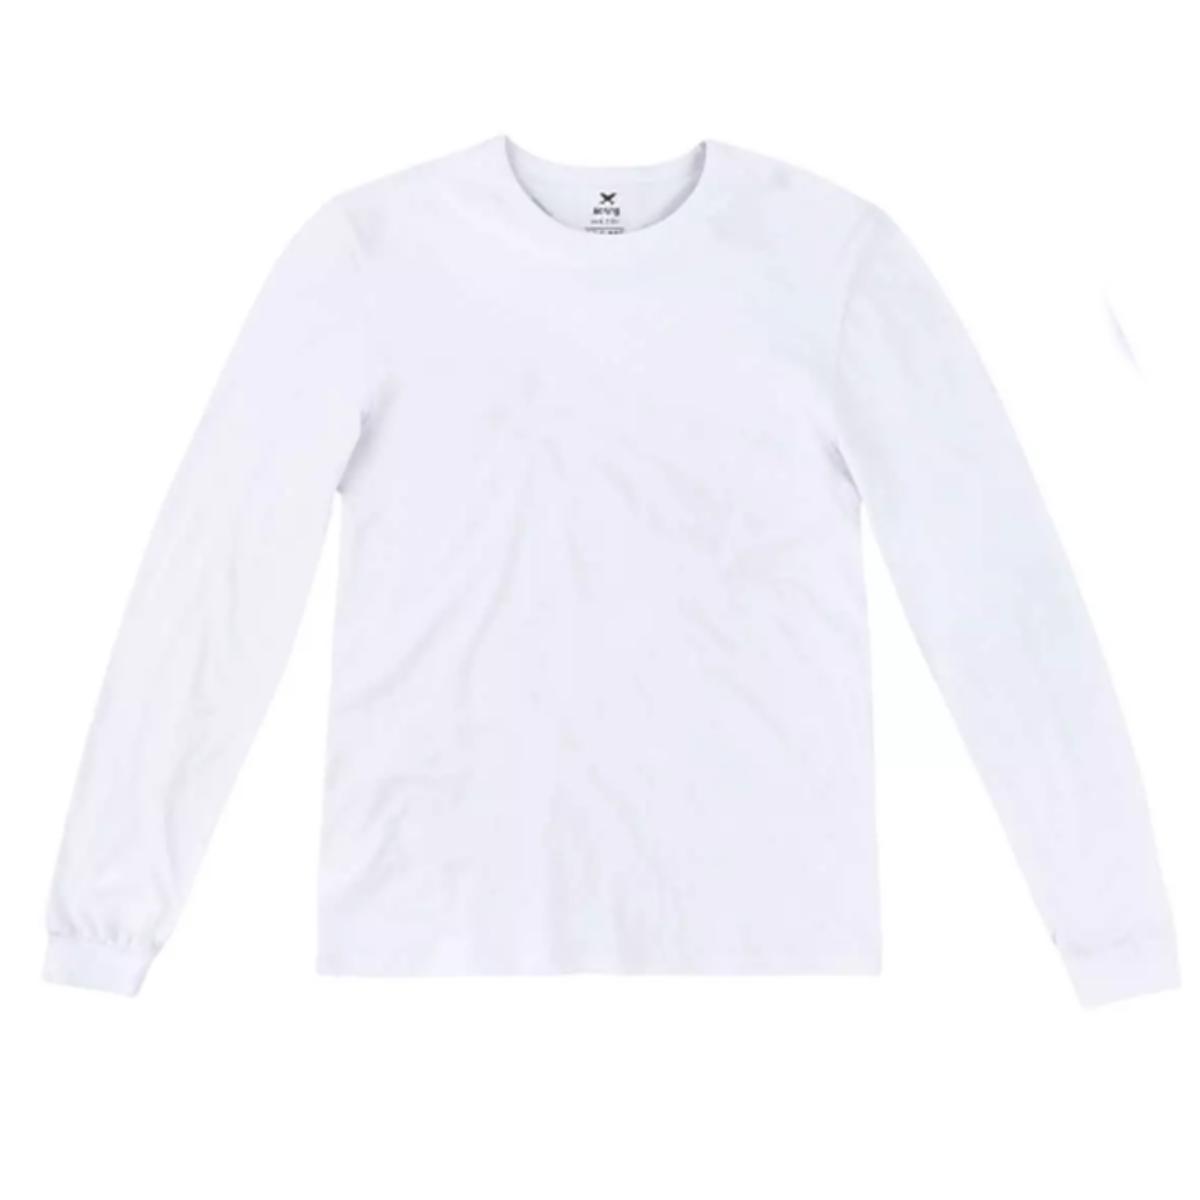 Camiseta Masculina Hering N204 N0a00s Branco